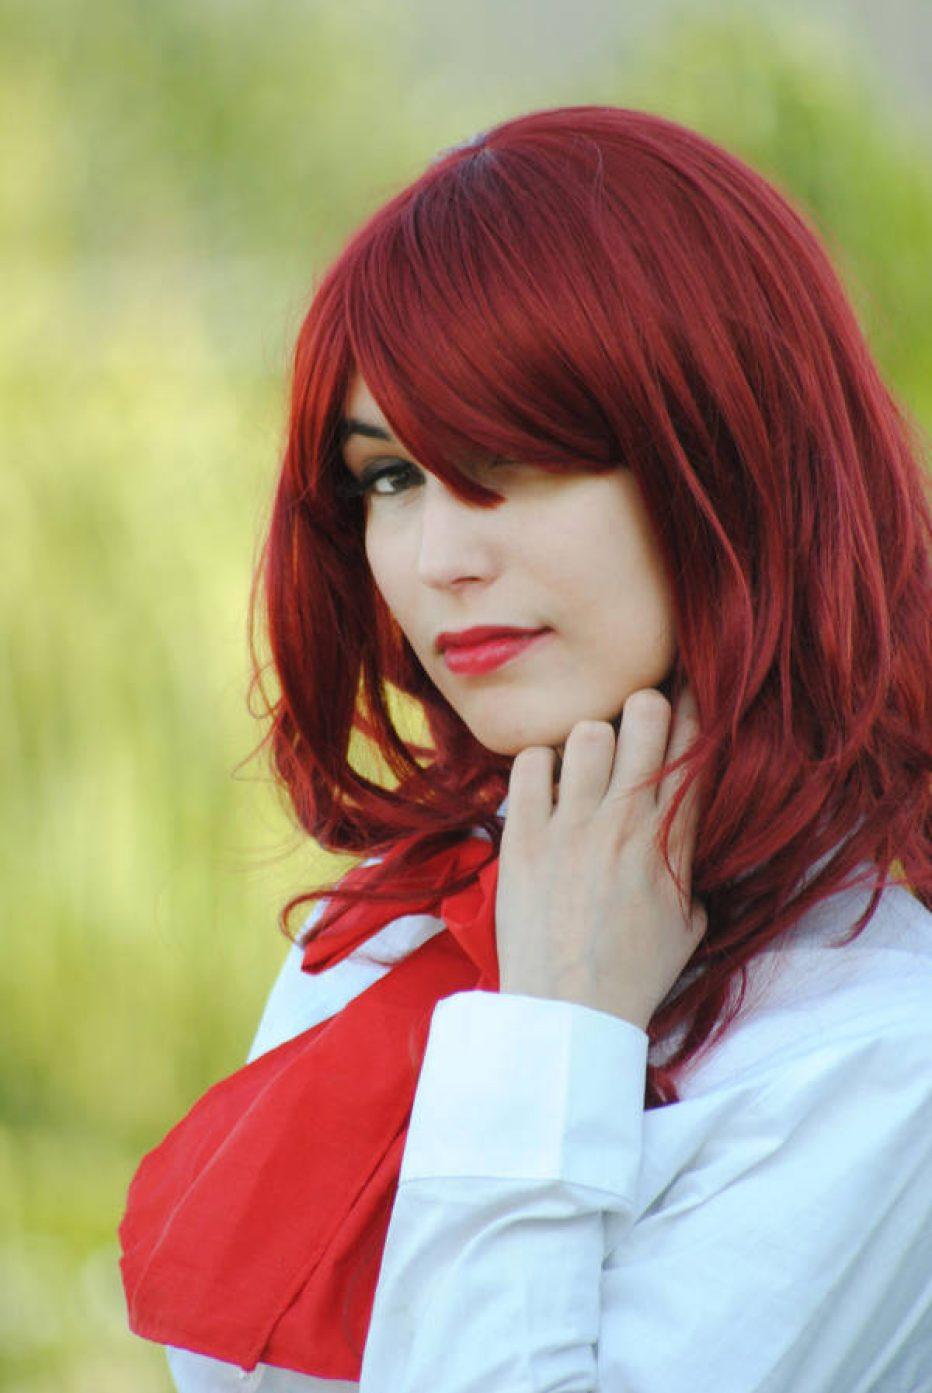 Persona-3-Mitsuru-Kirijo-Cosplay-Gamers-Heroes-4.jpg